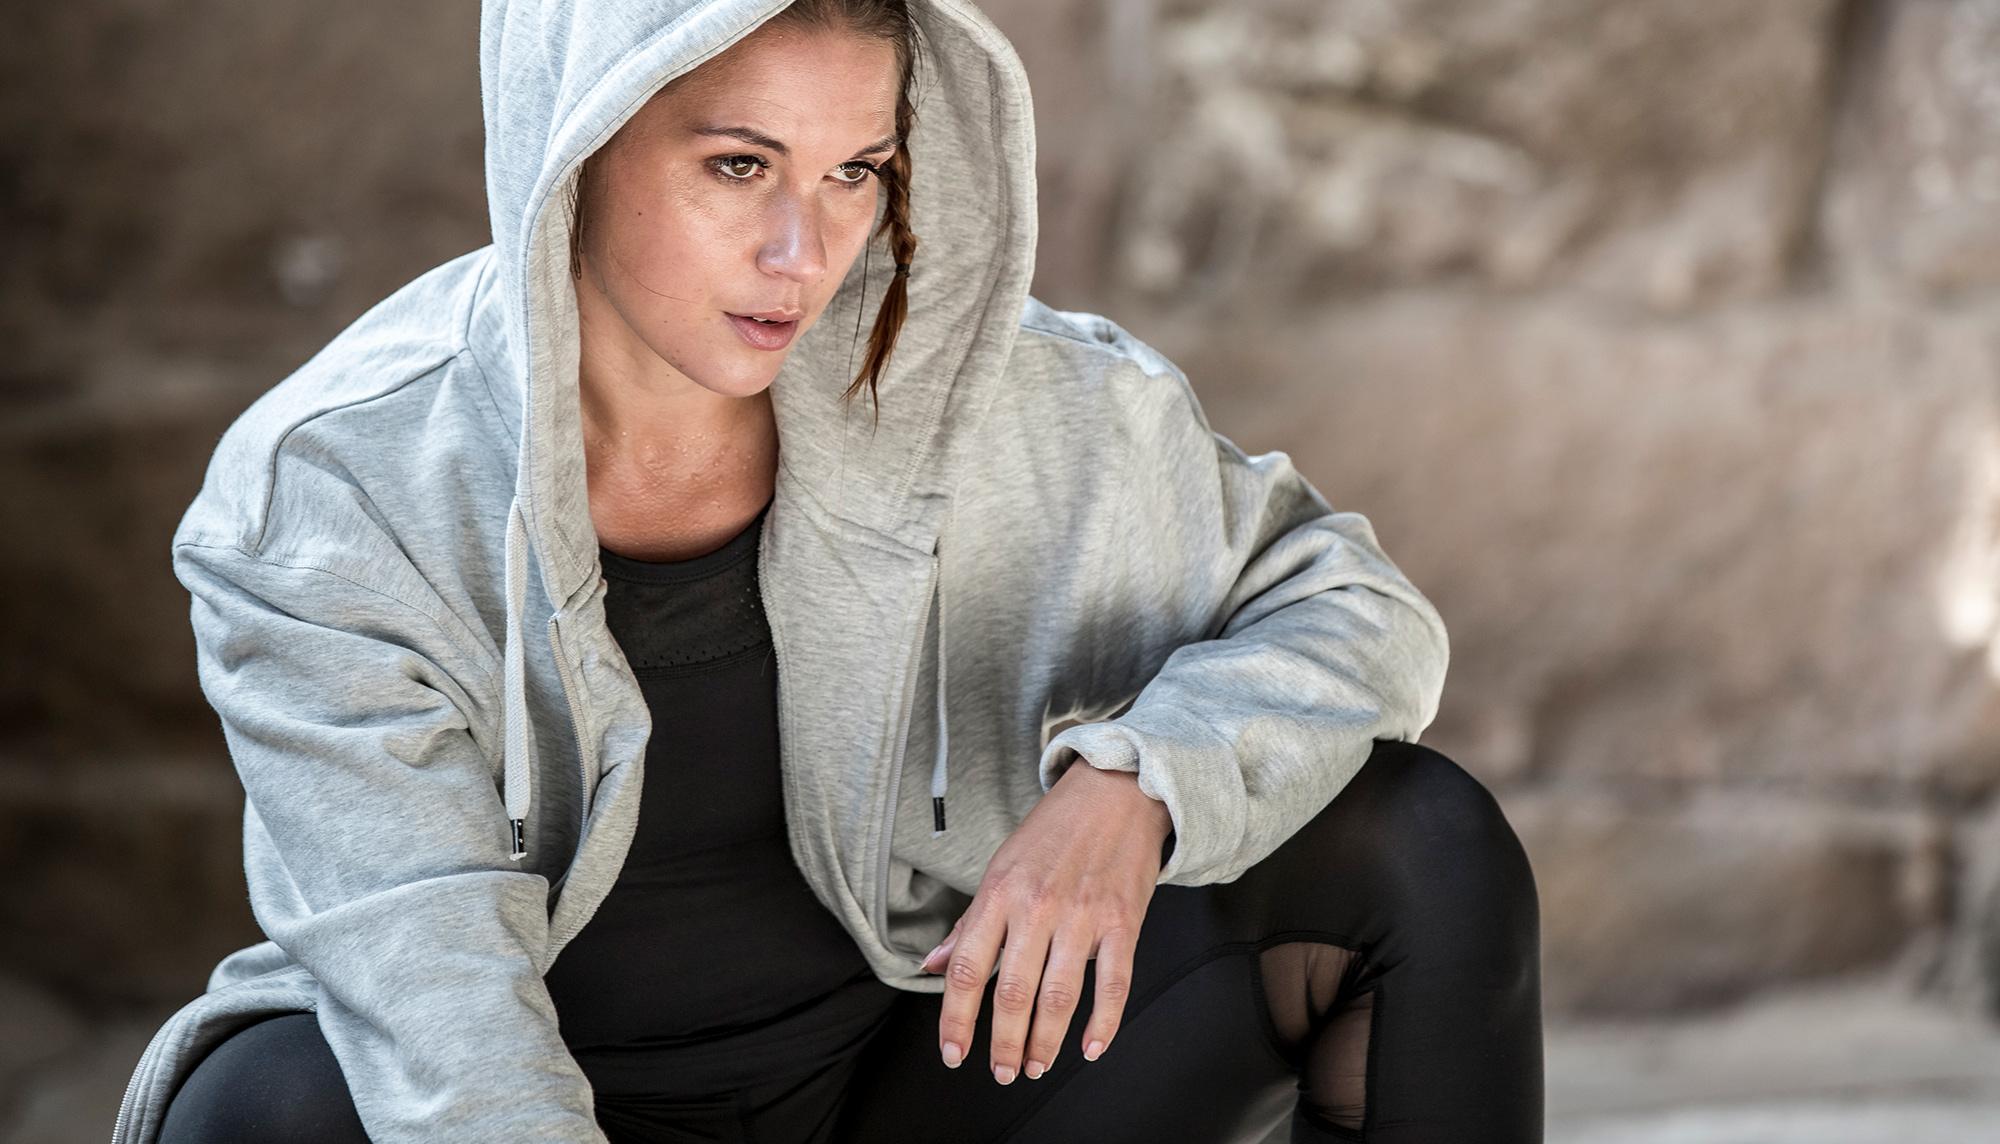 power-by-lisa-wilborg-goteborg-fitness-10.jpg